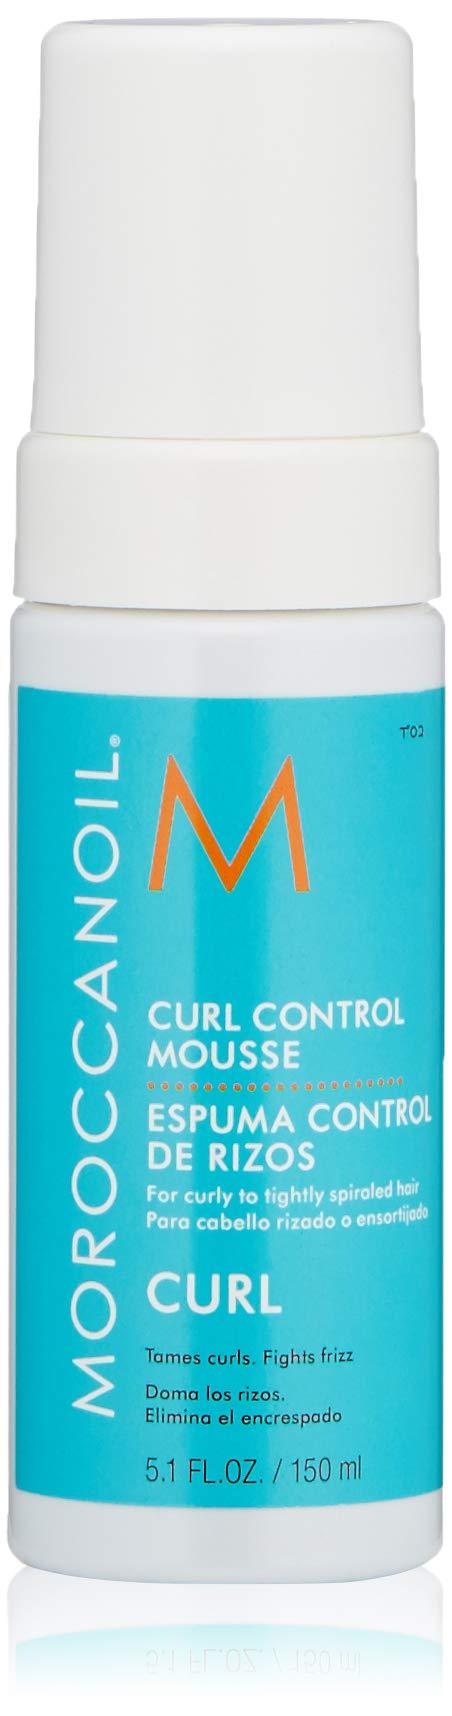 Moroccanoil Curl Control Mousse, 5.1 Fl Oz by MOROCCANOIL